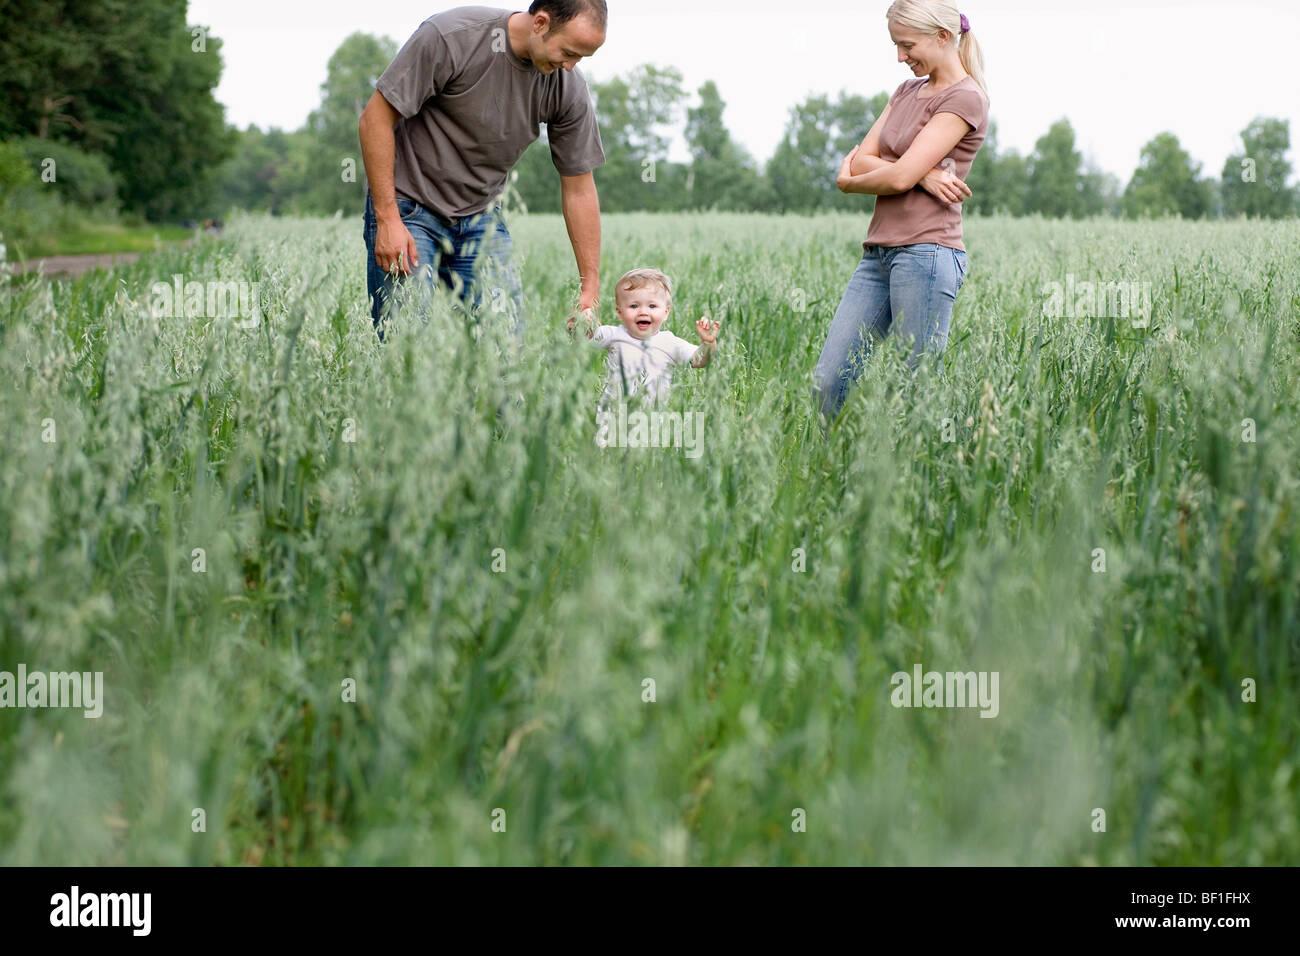 Deux parents à jouer avec leur fille dans un champ Photo Stock